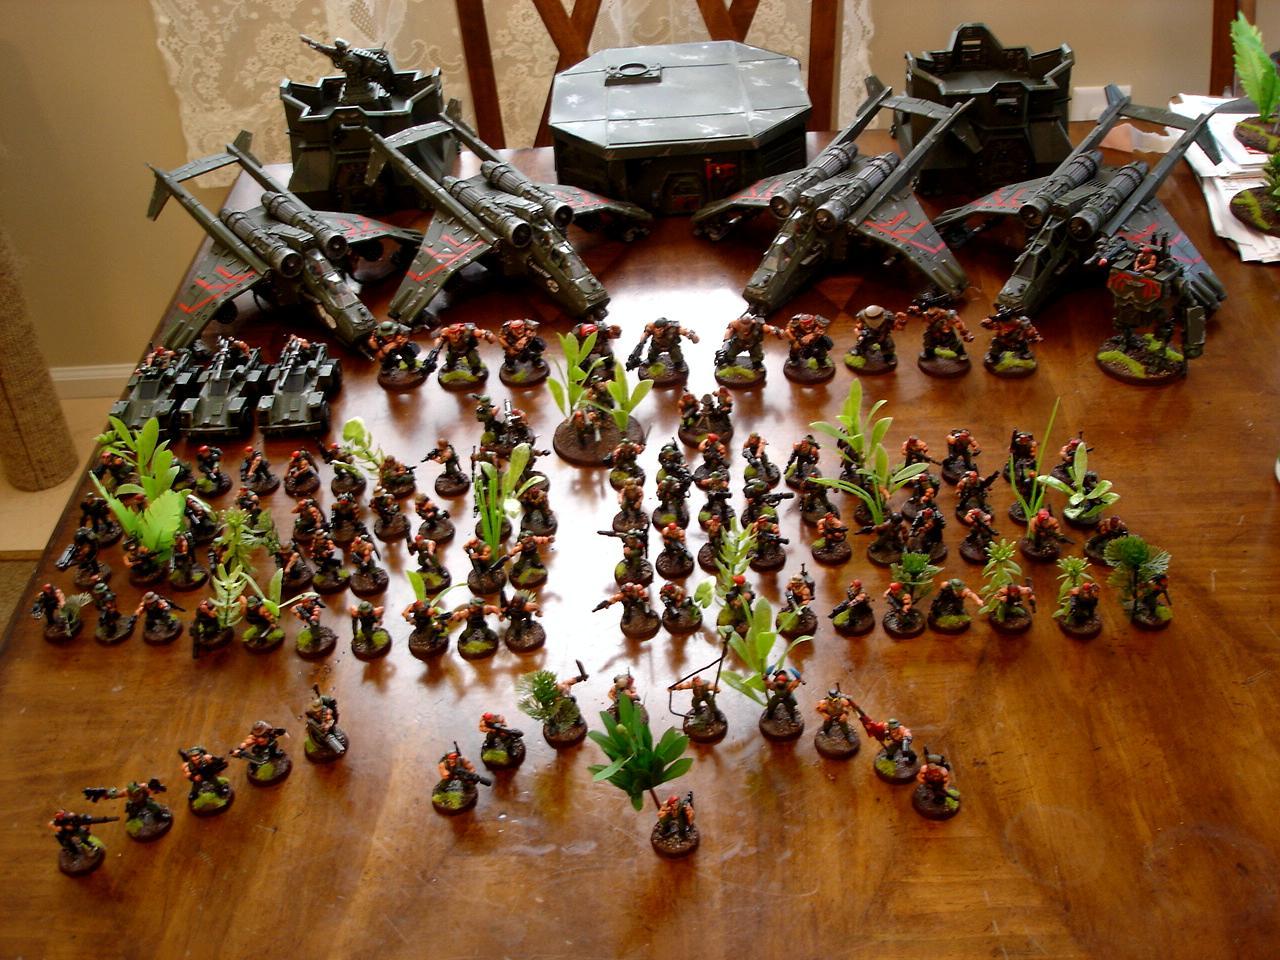 Army, Catachan, Imperial Guard, Warhammer 40,000, Warhammer Fantasy